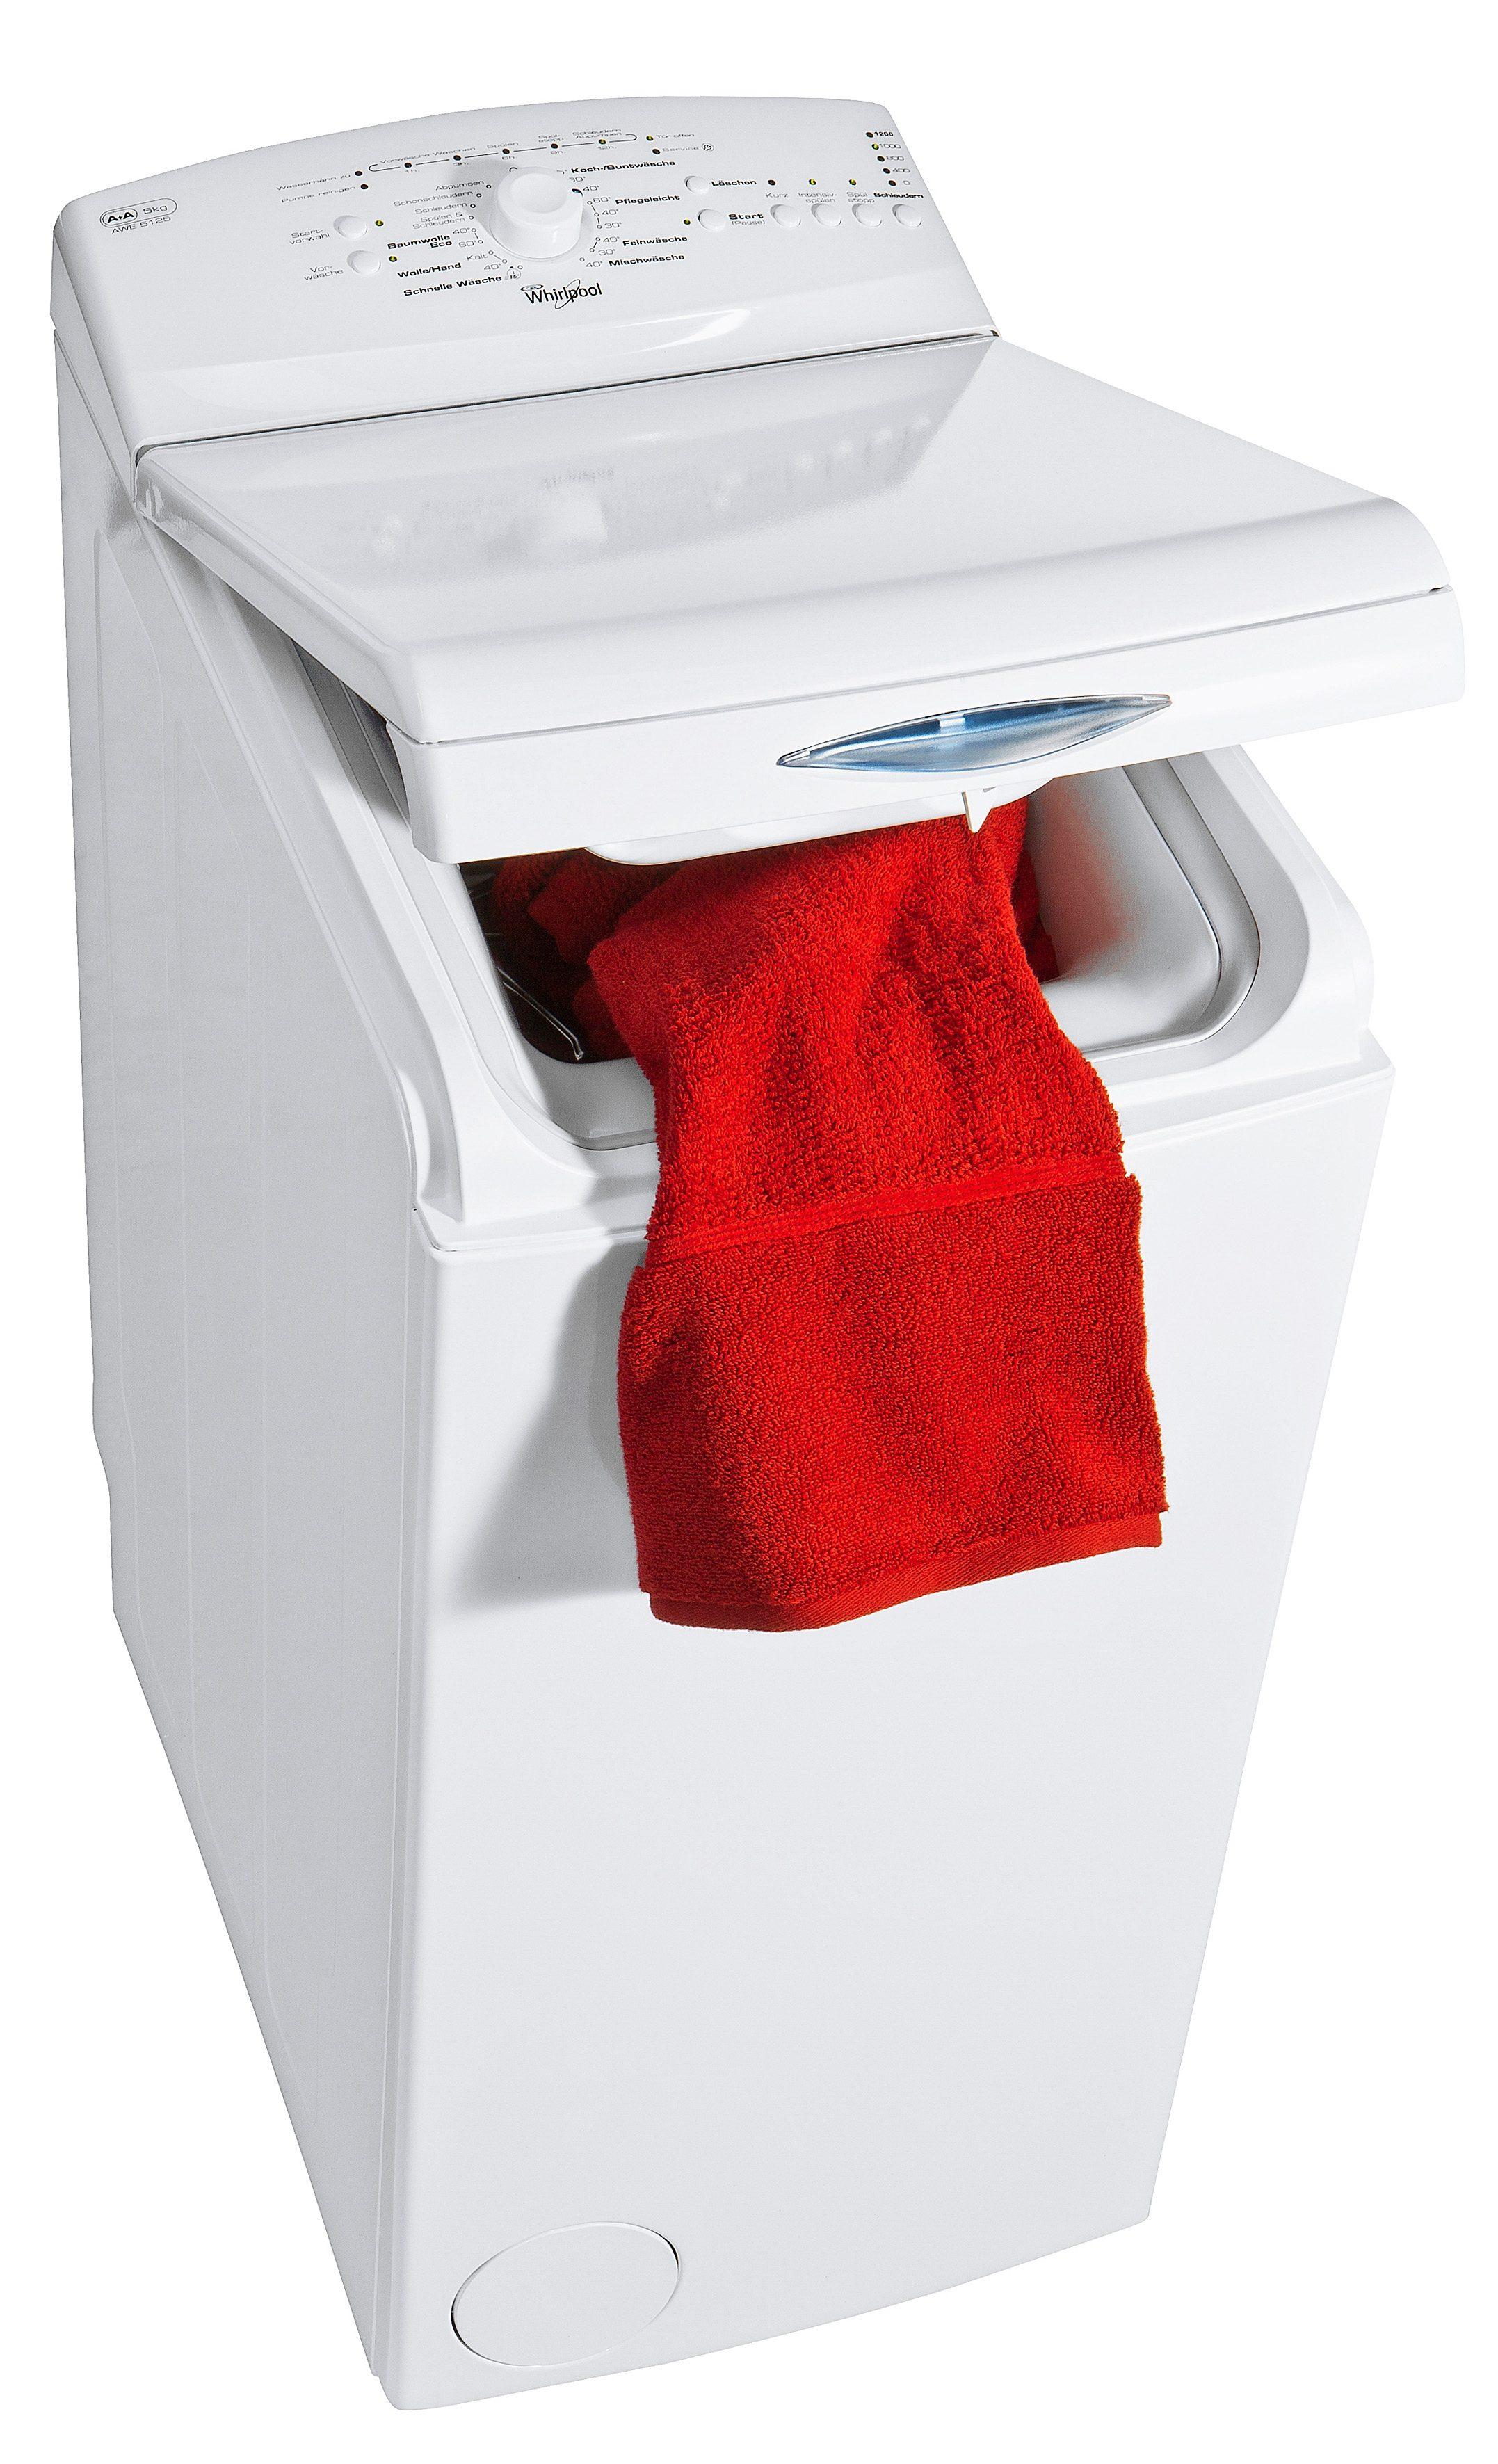 Whirlpool Waschmaschine Toplader AWE 5125, A+, 5 kg, 1200 U/Min